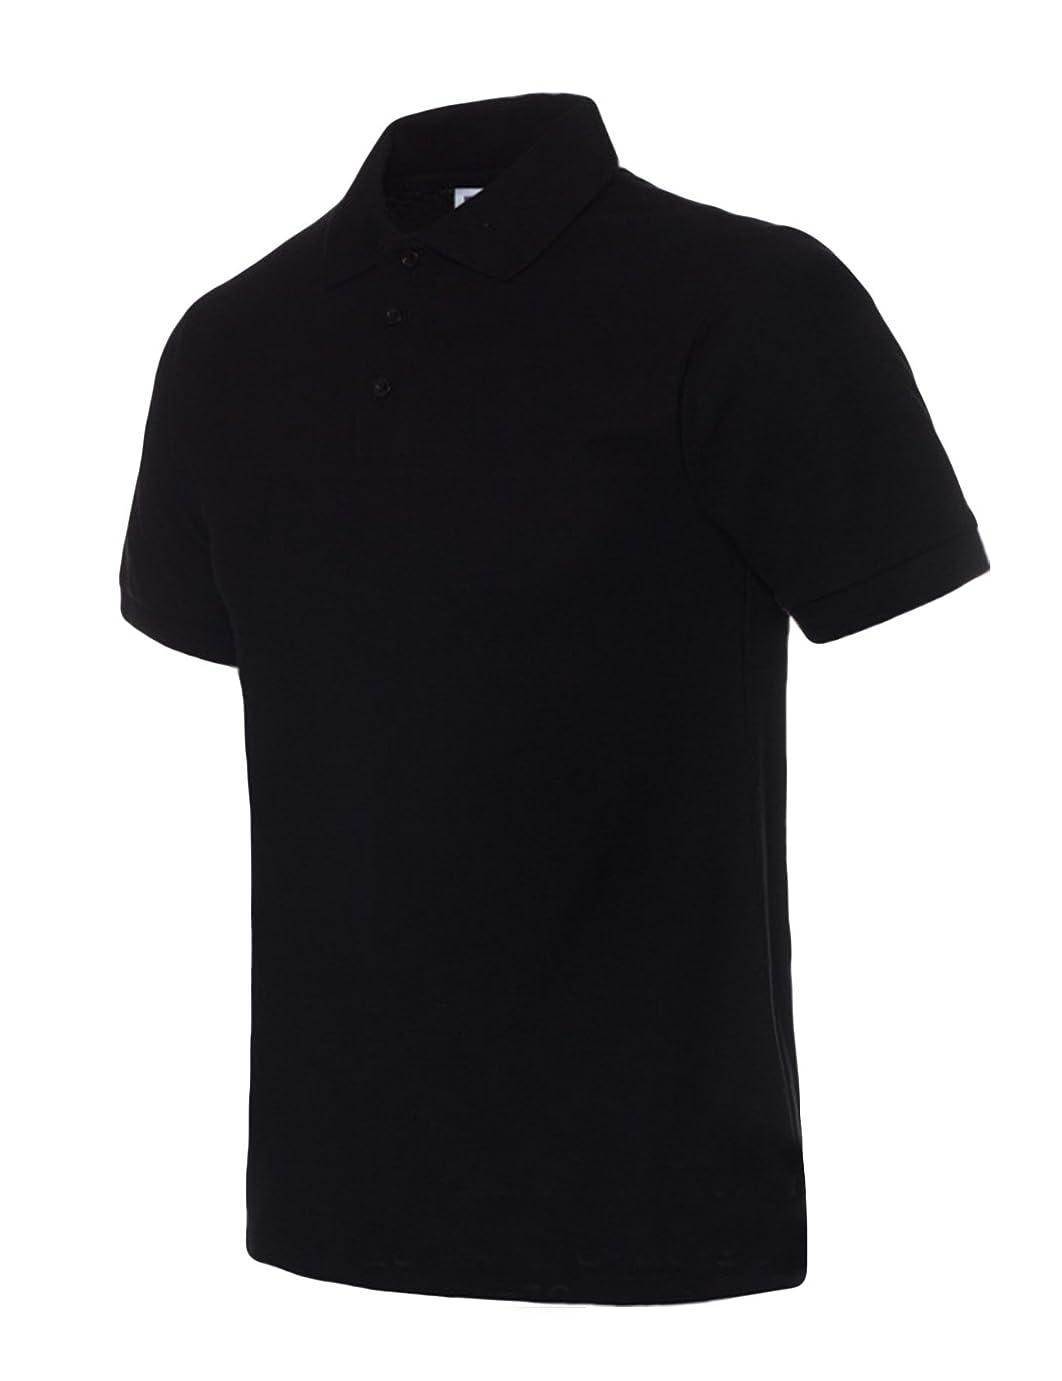 傷跡薬用特別なビエスディディ メンズ 全14色 コットン 無地 カジュアル ストレートタイプ 半袖 シンプル ポロシャツ